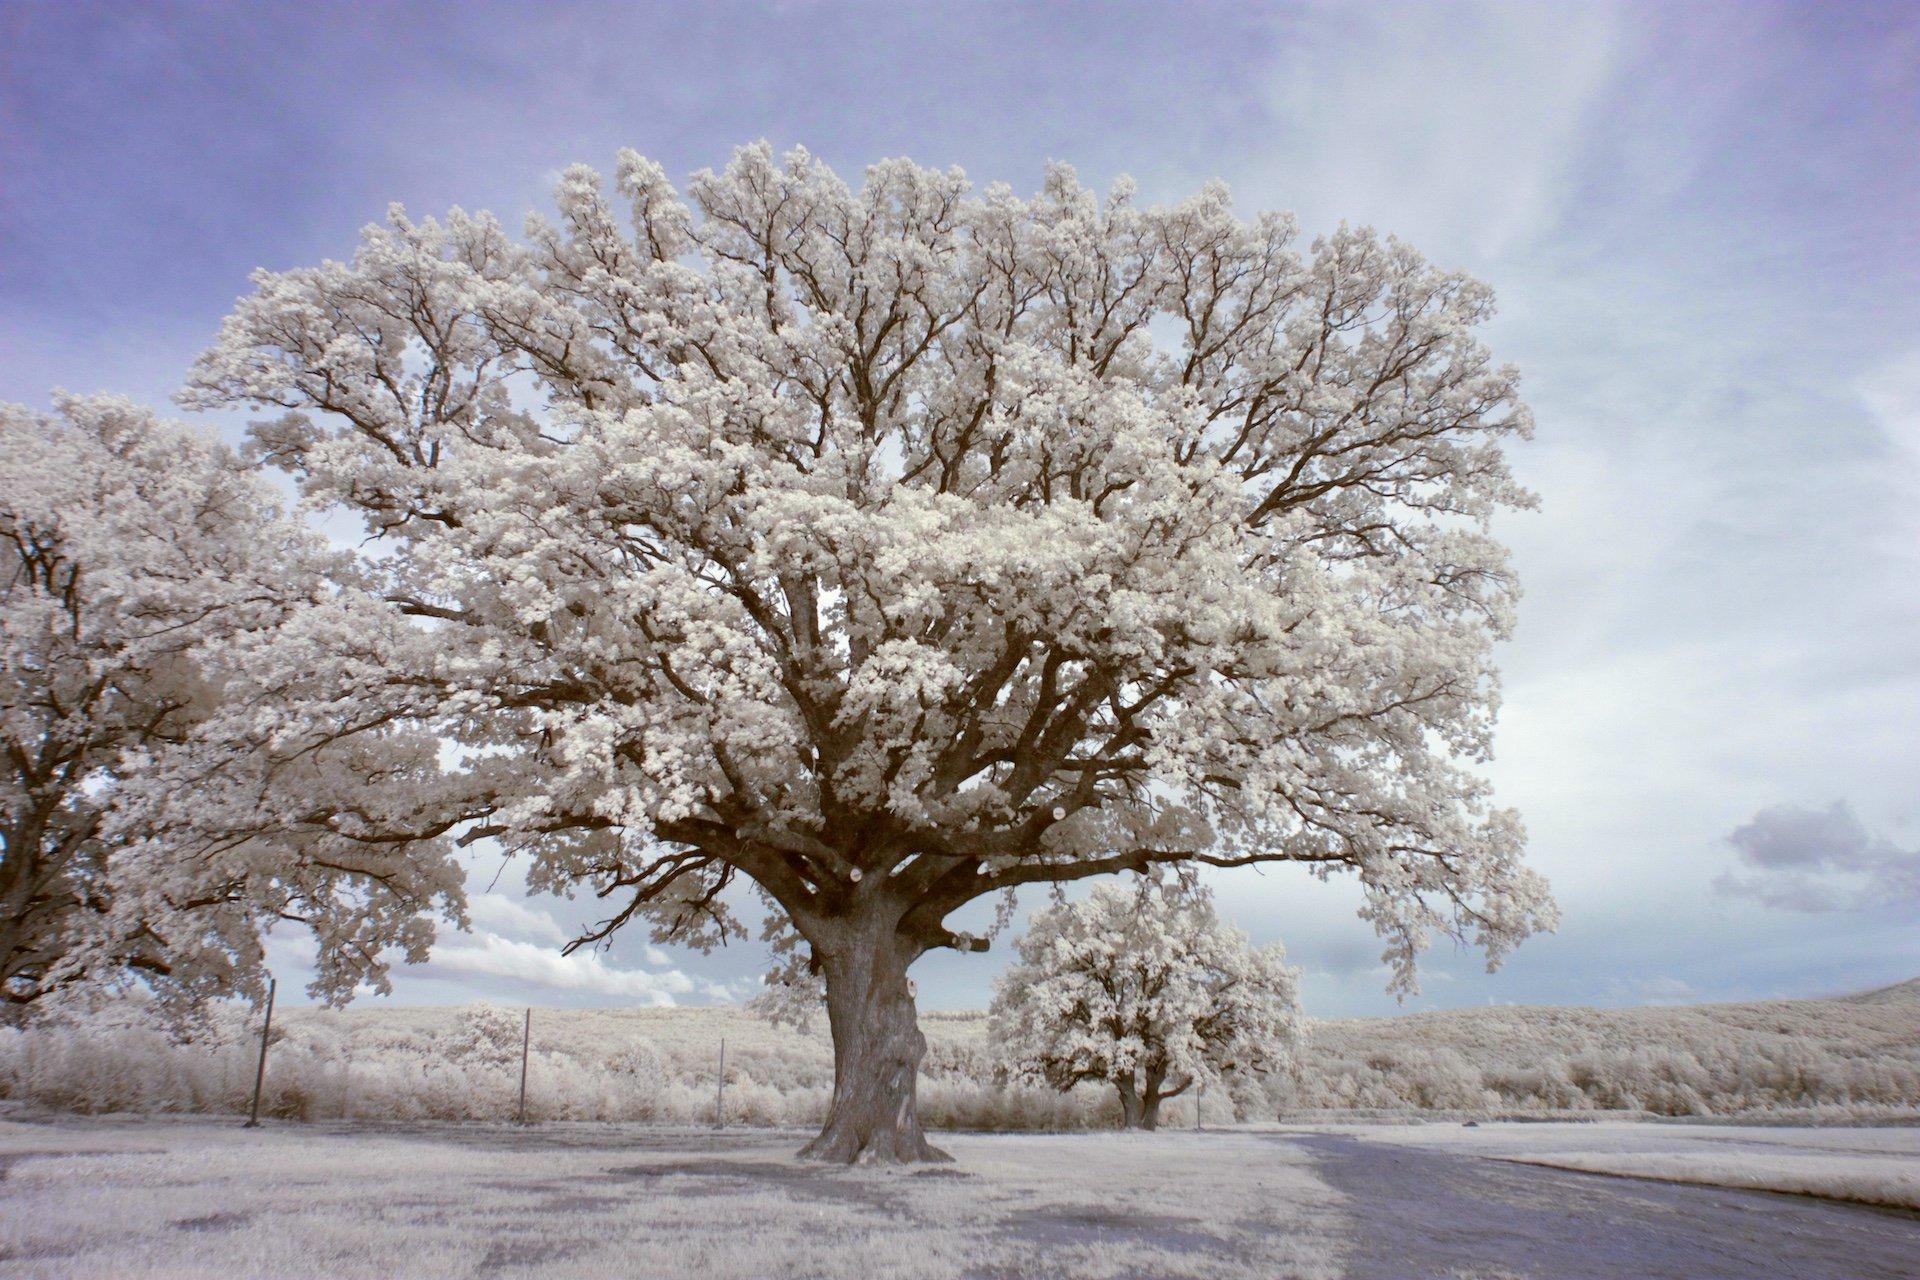 инфракрасная фотография, дубрава, лес, ик фотография, лето, , Никифоров Егор